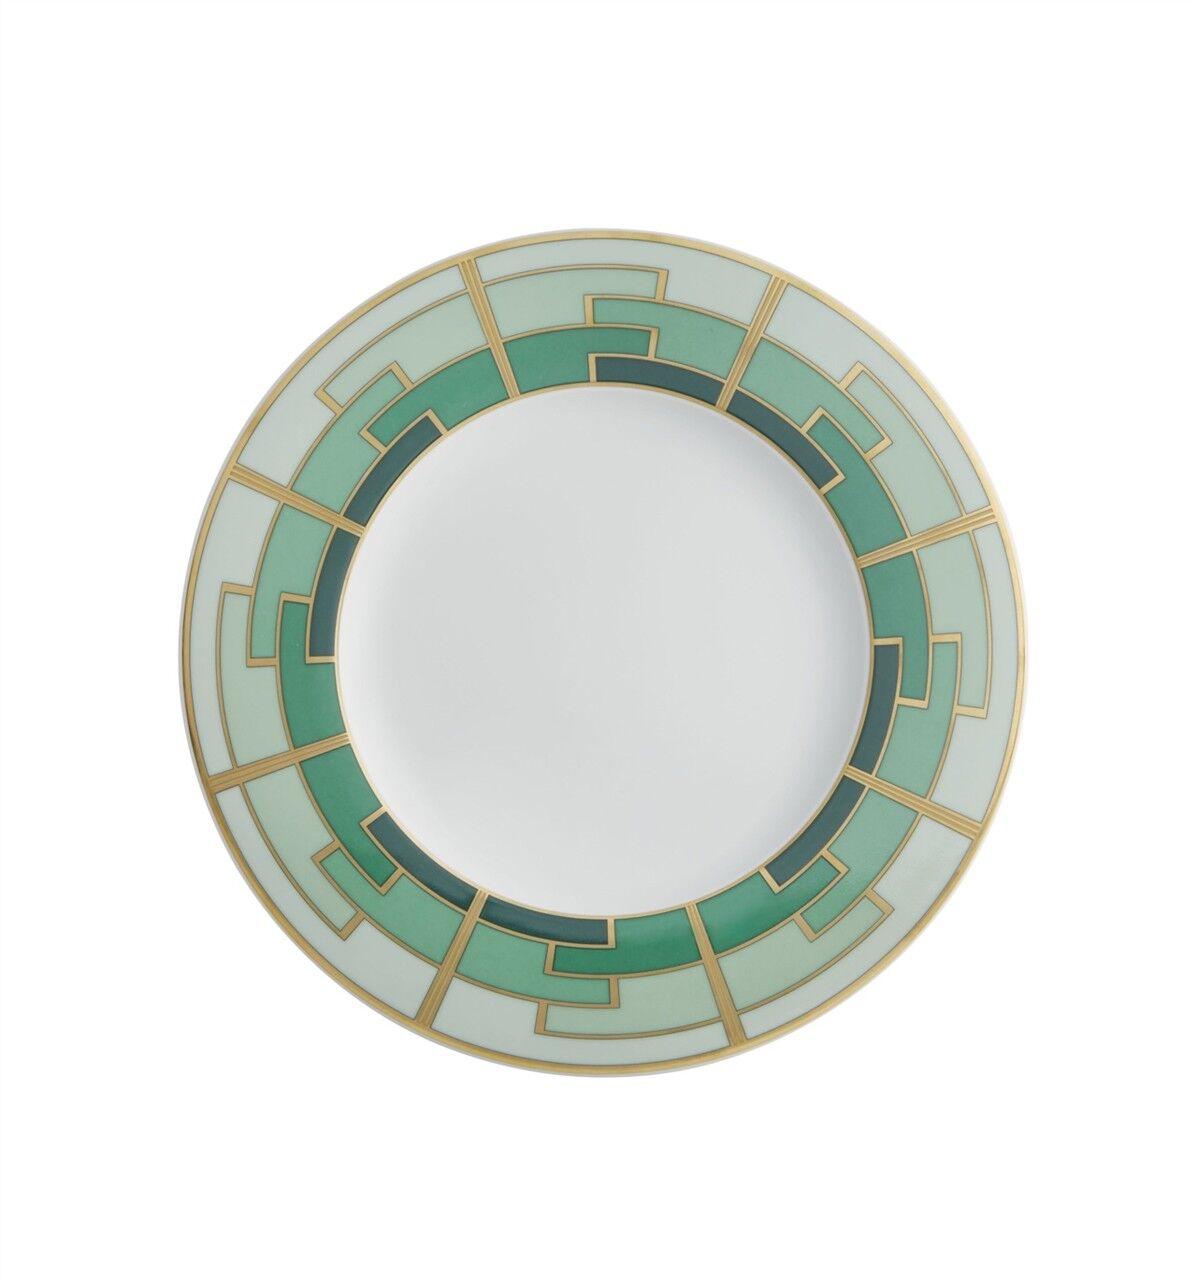 Vista Alegre Smeraldo Piatto da Dessert - Set di 8